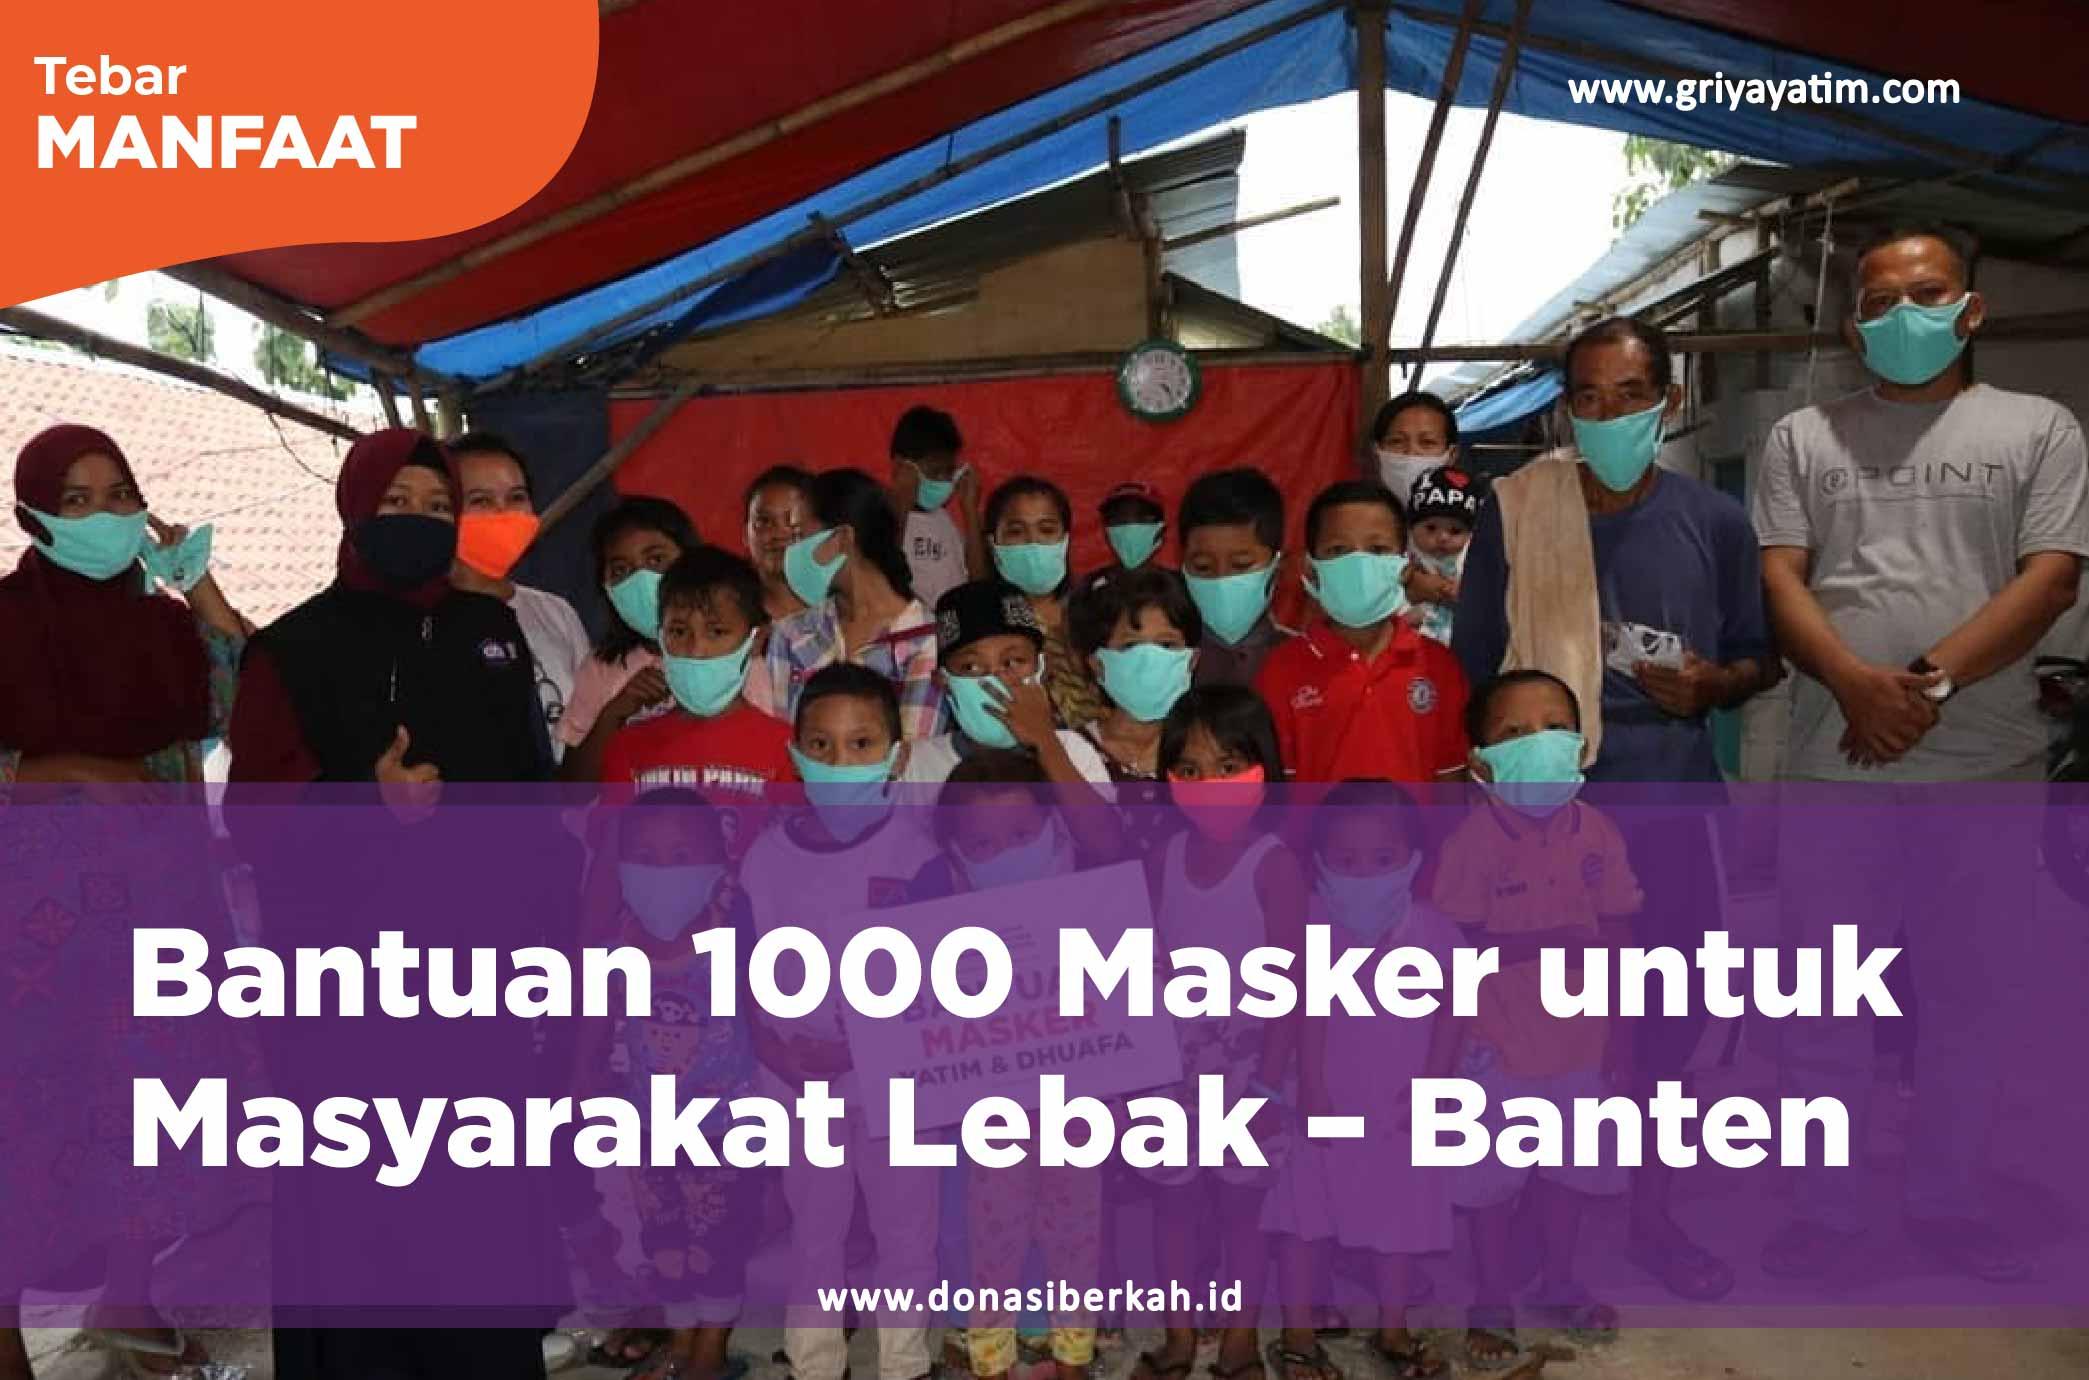 Bantuan 1000 Masker untuk Masyarakat pelosok